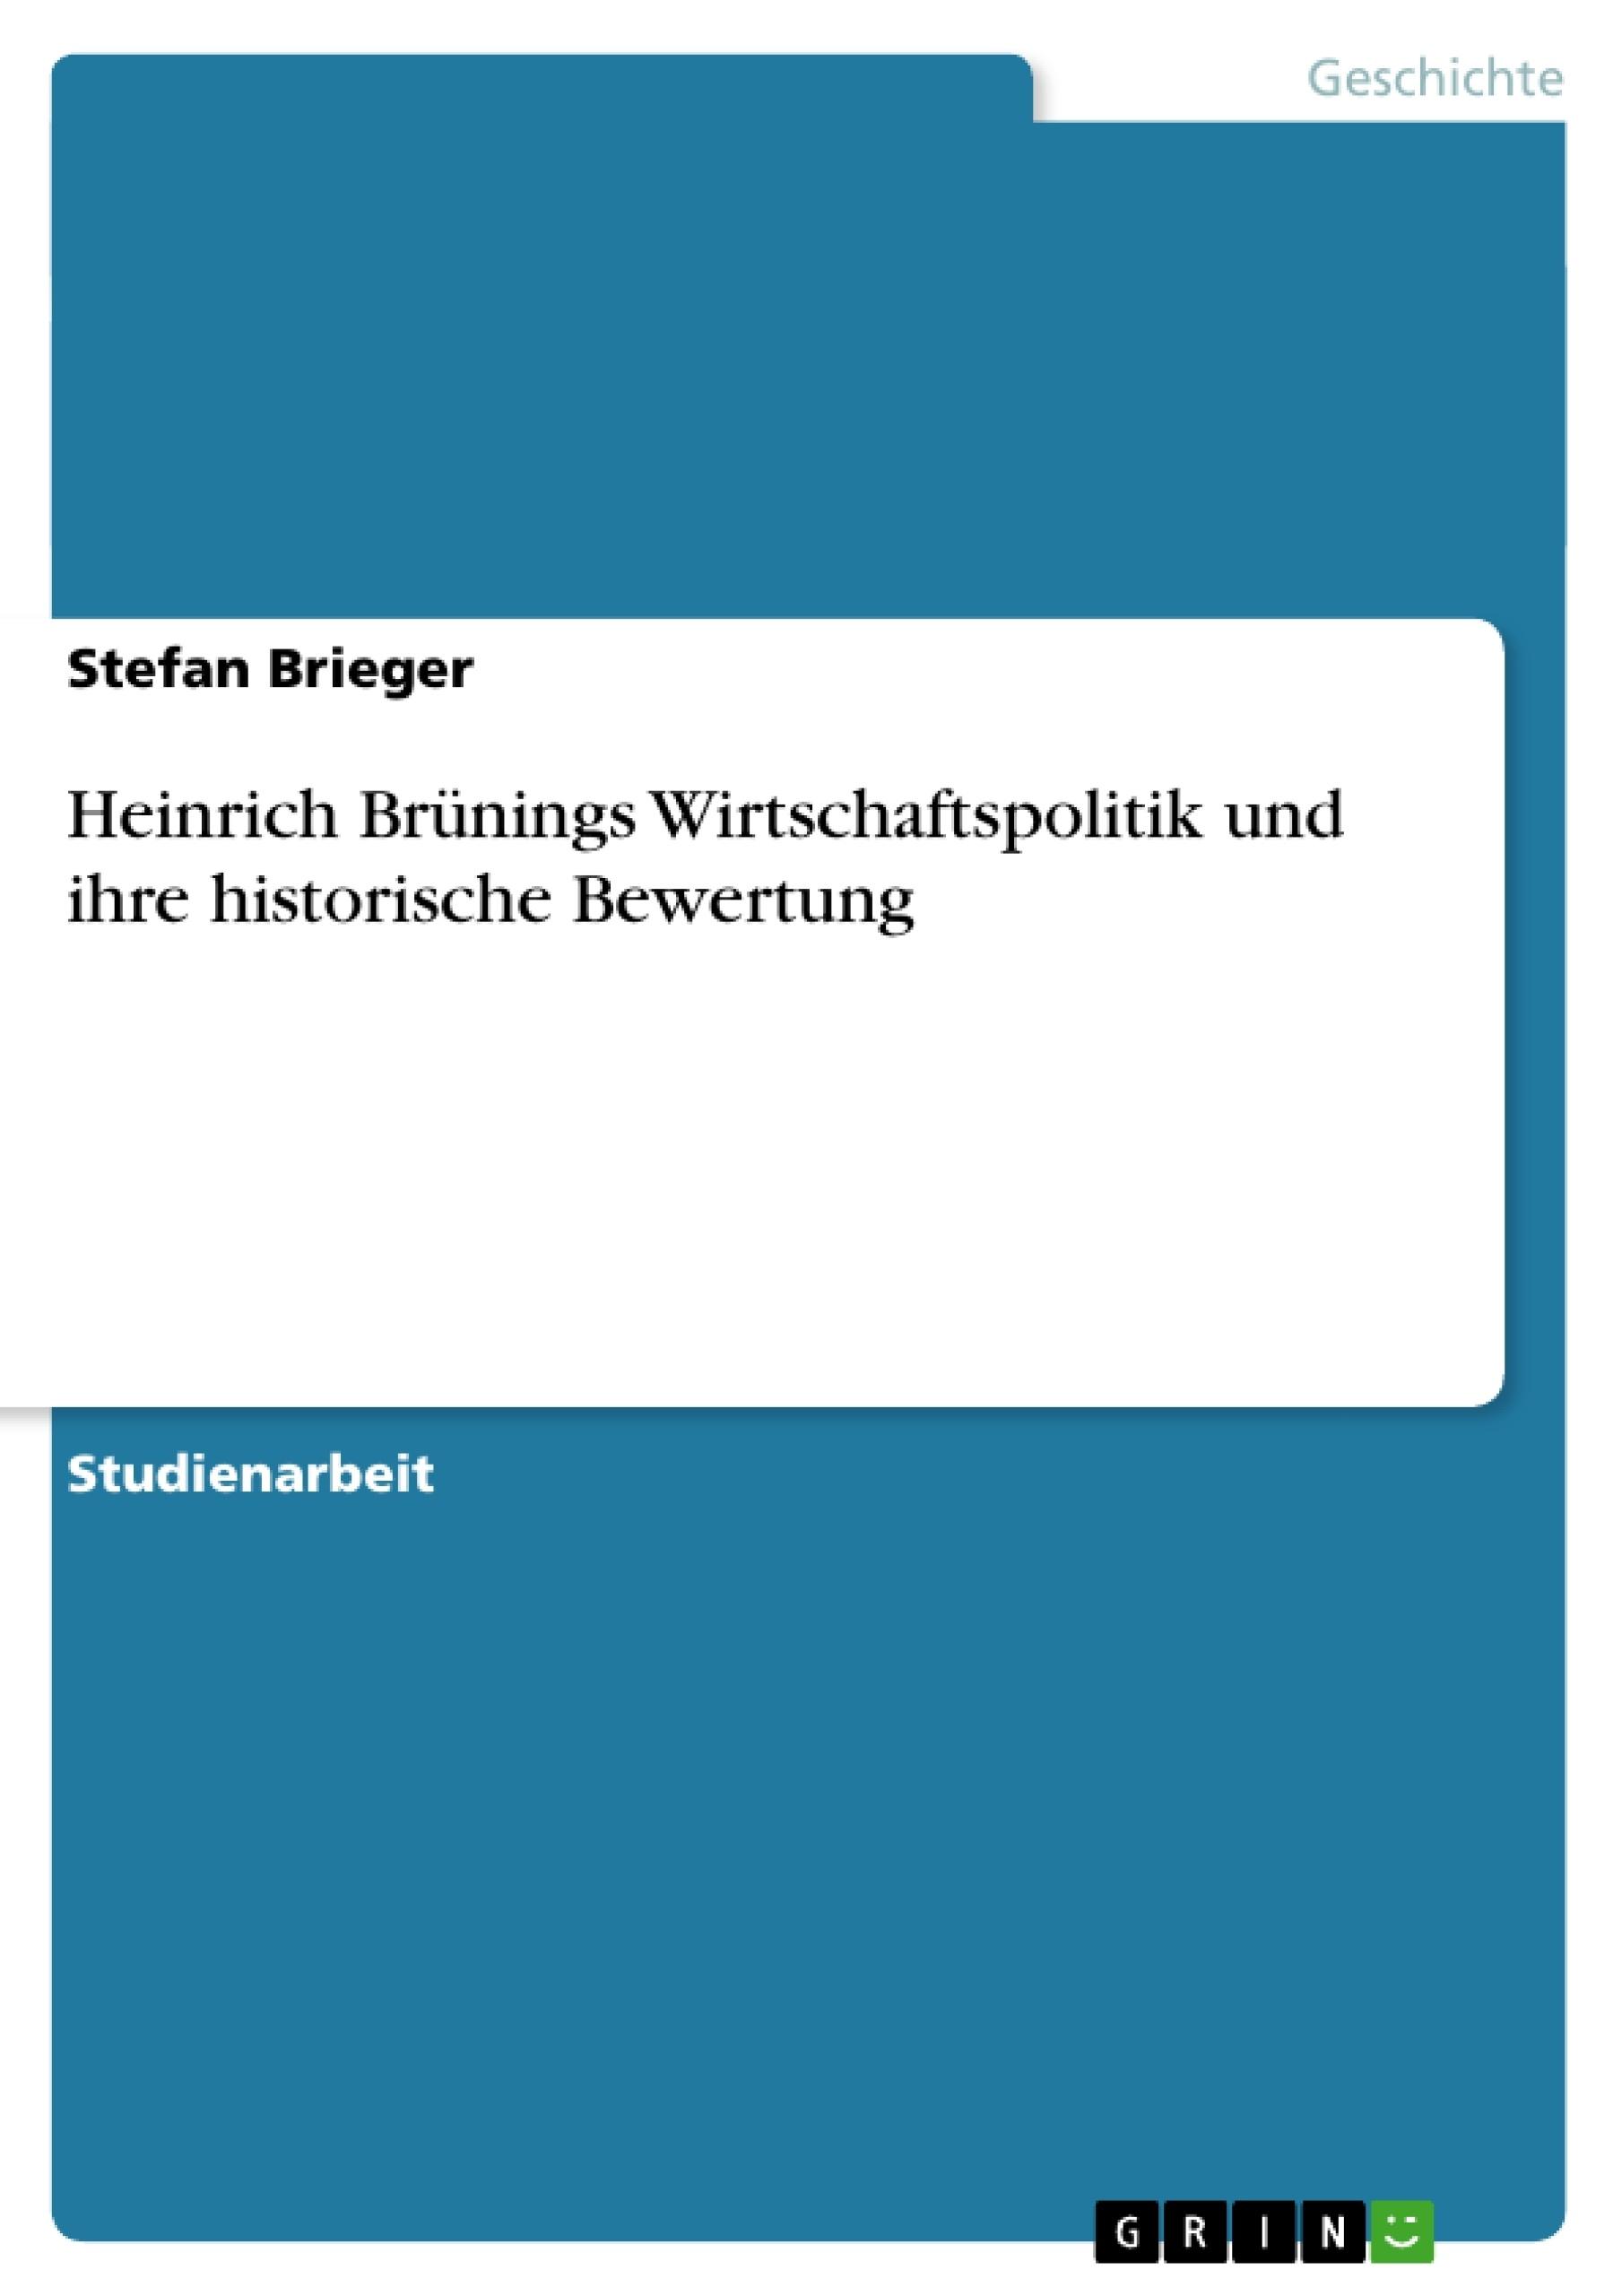 Titel: Heinrich Brünings Wirtschaftspolitik und ihre historische Bewertung